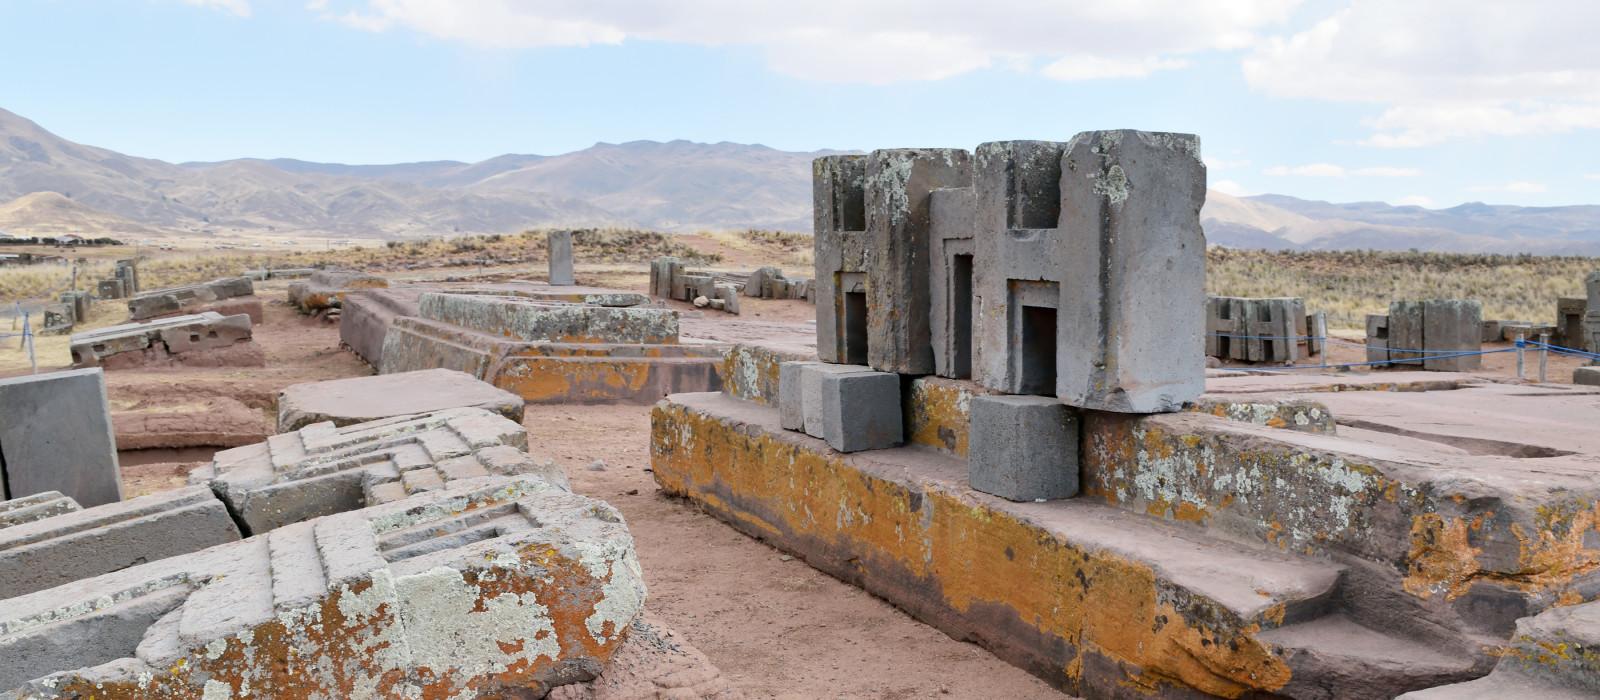 Ruinen von Ruinen von Puma Punku, Bolivien